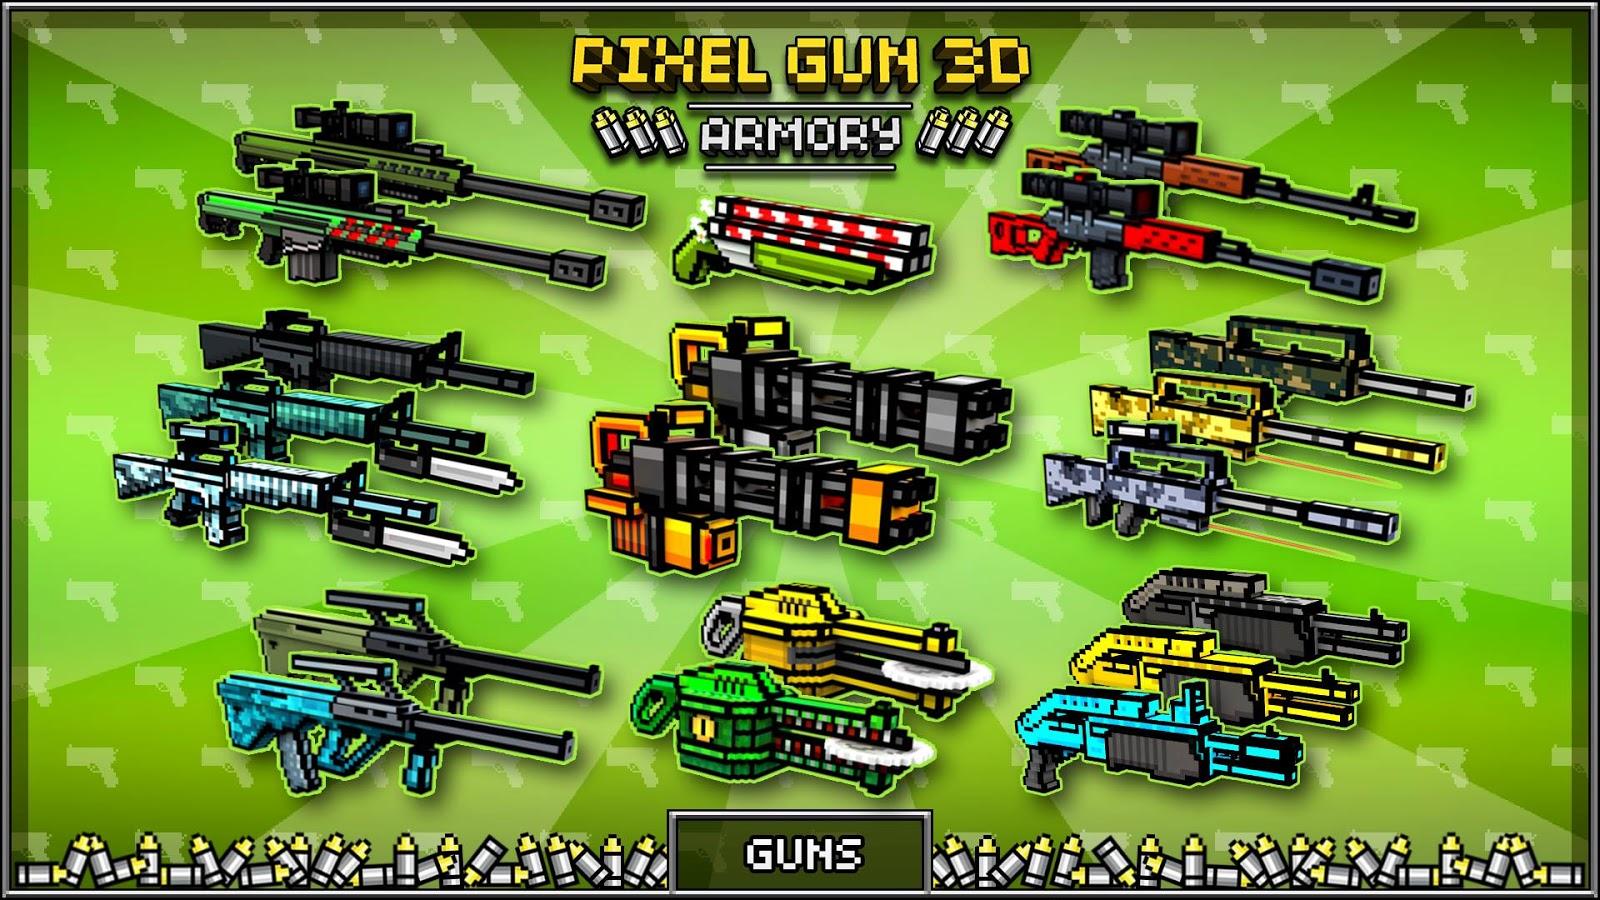 pixel gun 3d easy coins